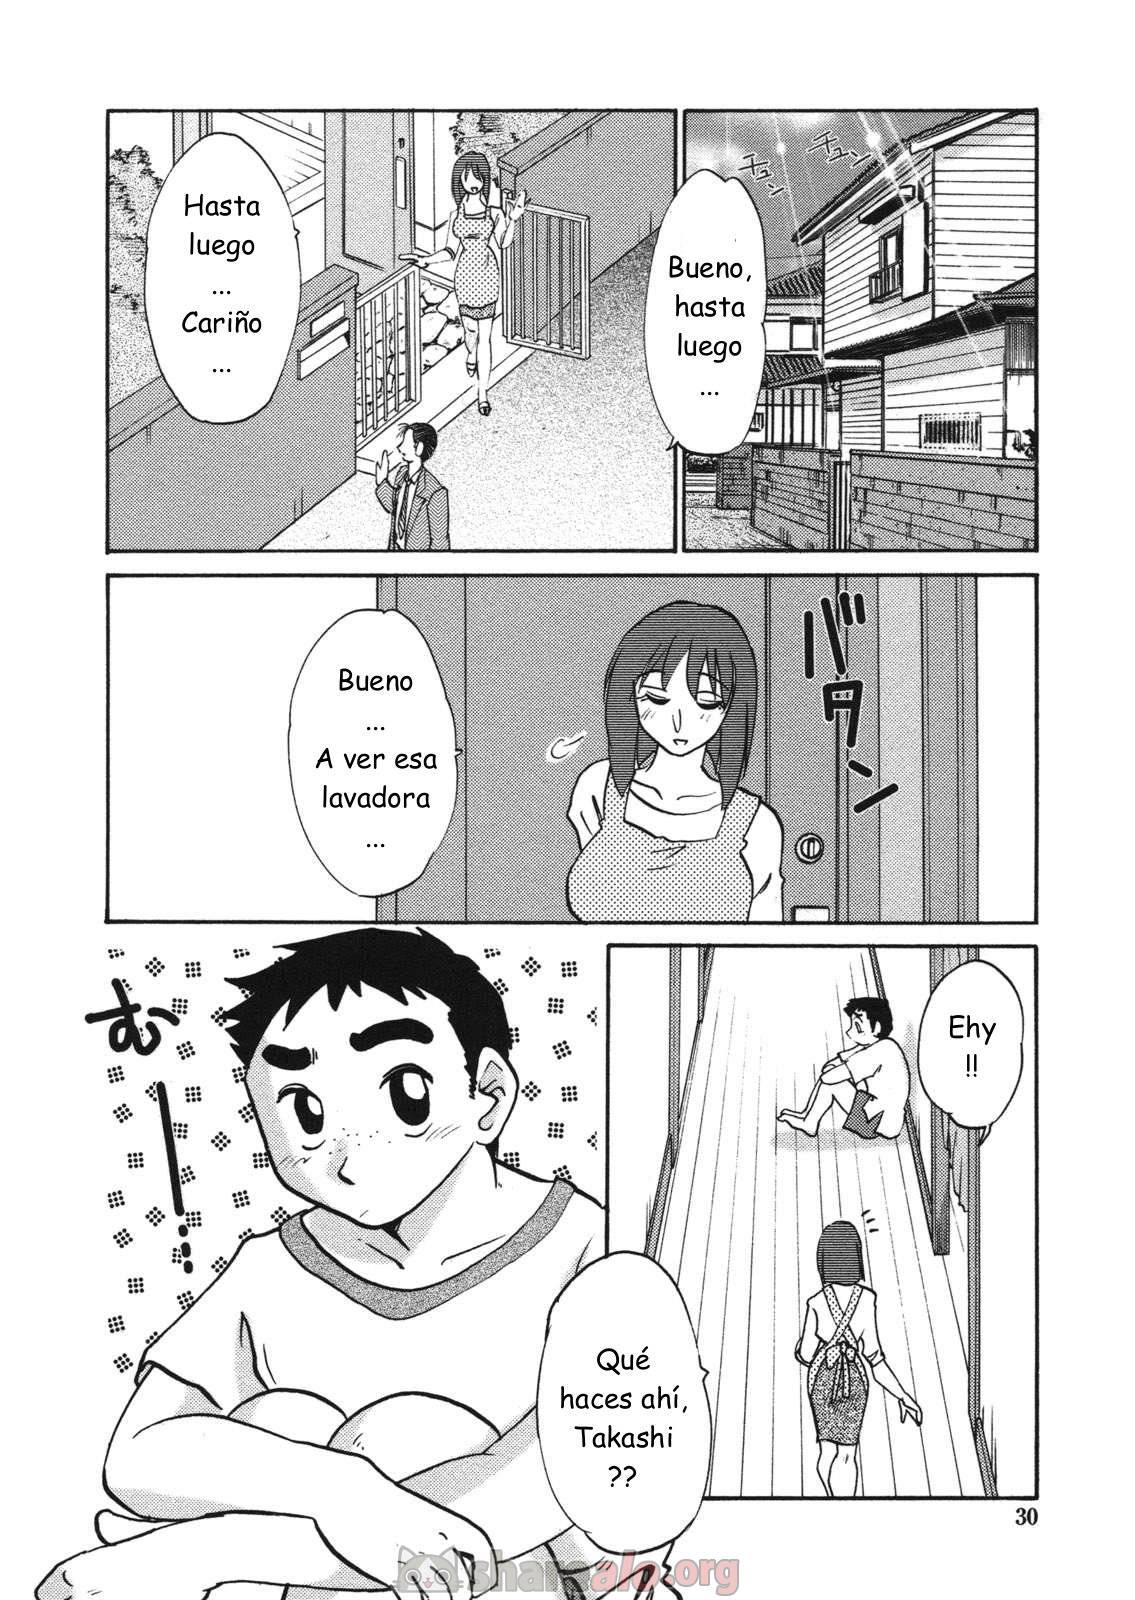 [ Boku no Aijin Manga Hentai de TsuyaTsuya ]: Comics Porno Manga Hentai [ 2d4mY5IJ ]